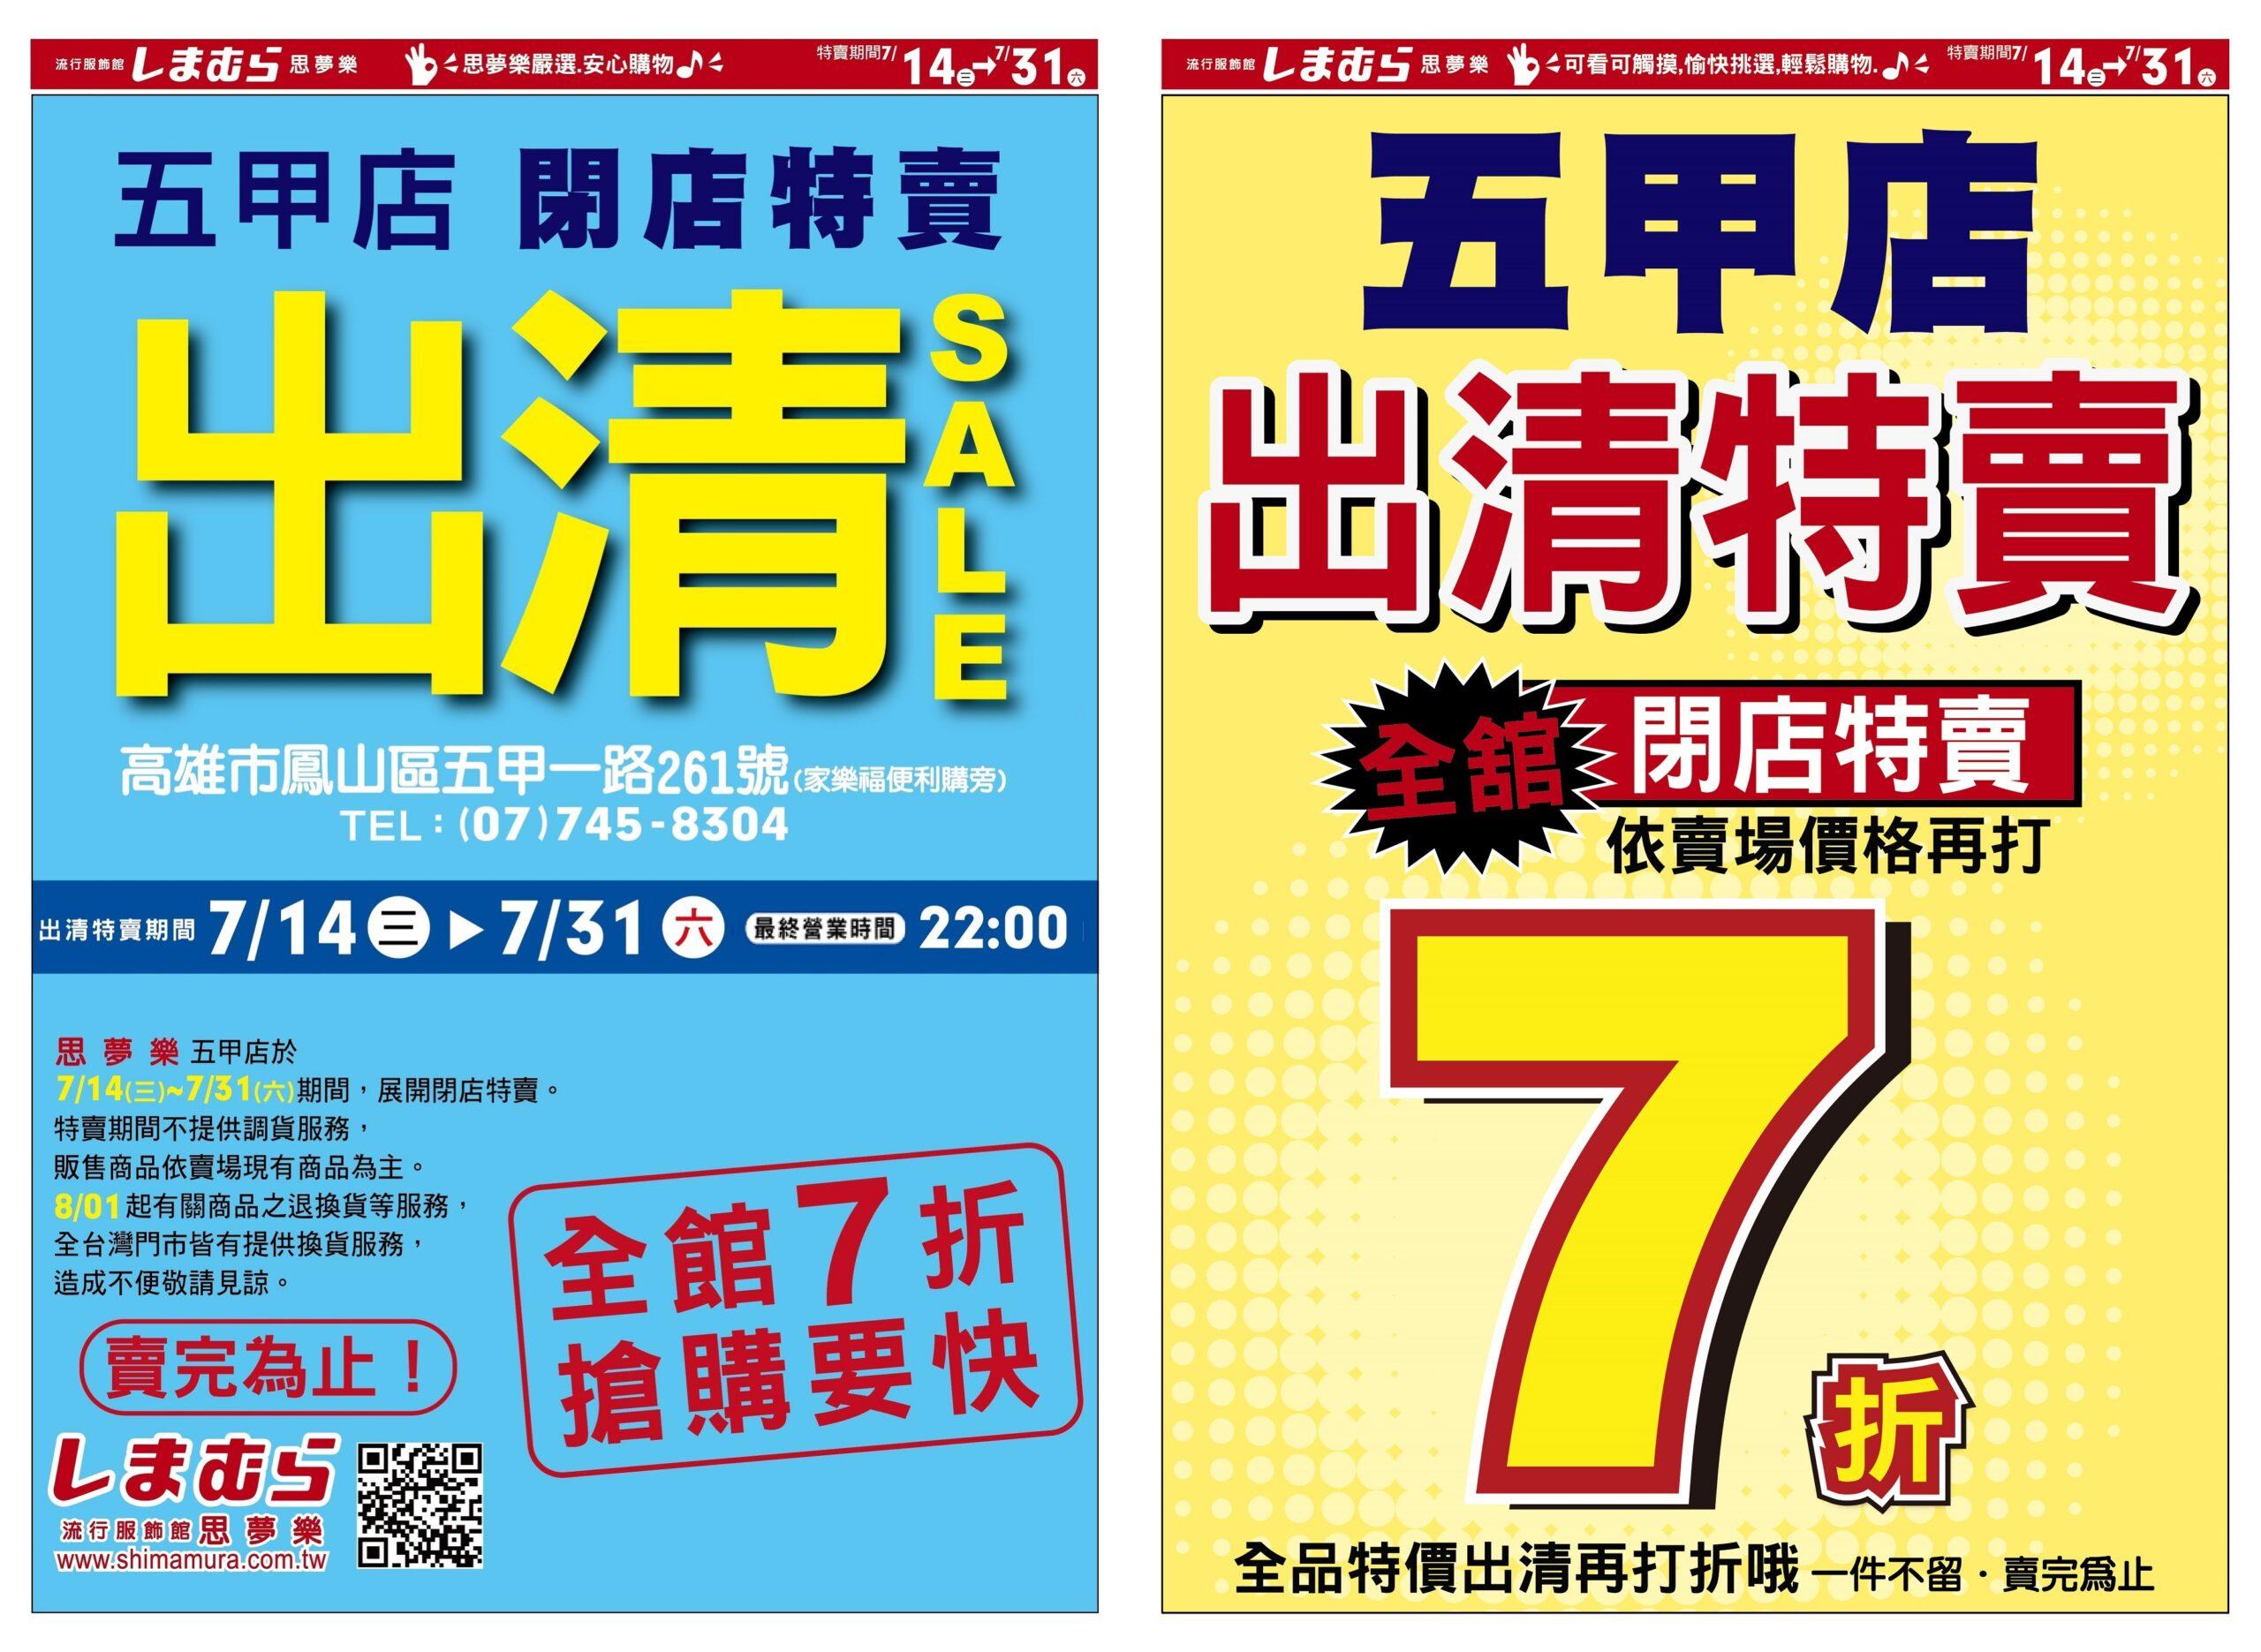 高雄五甲閉店出清特賣7/14-7/31